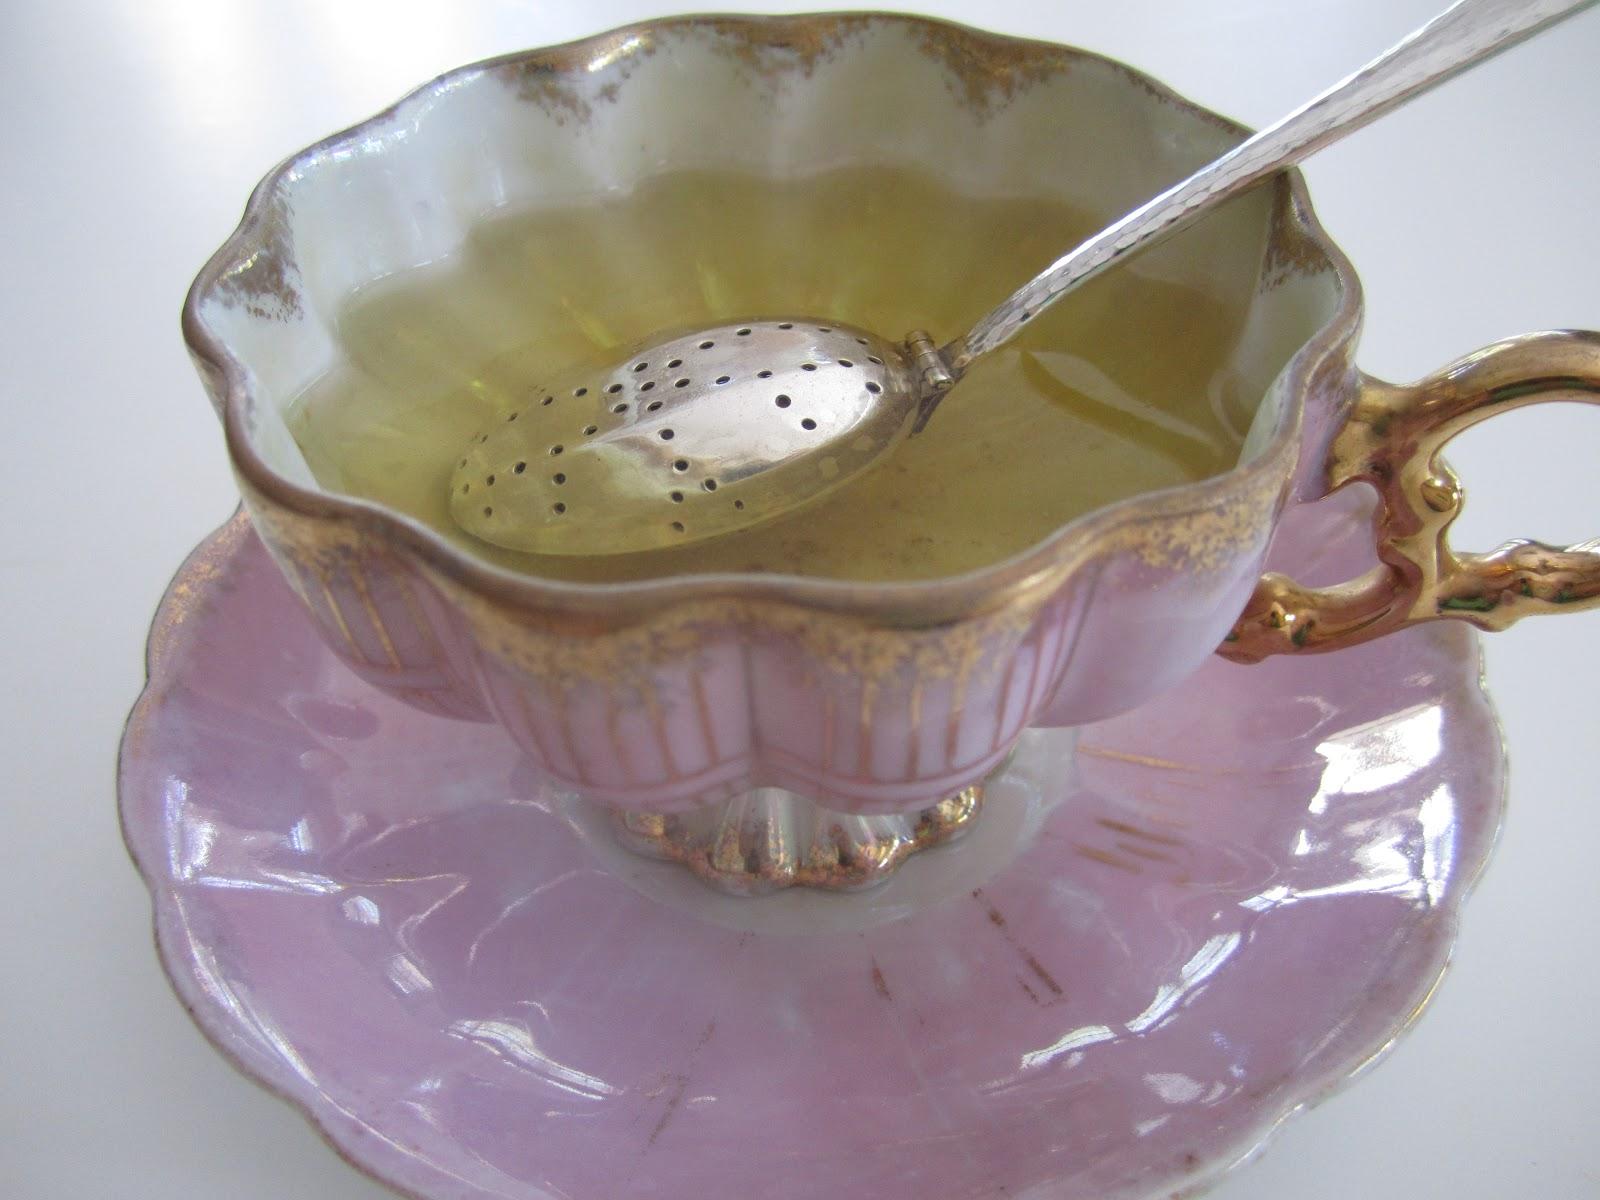 Teaspoon Tea Infuser Steeping in Tea Cup